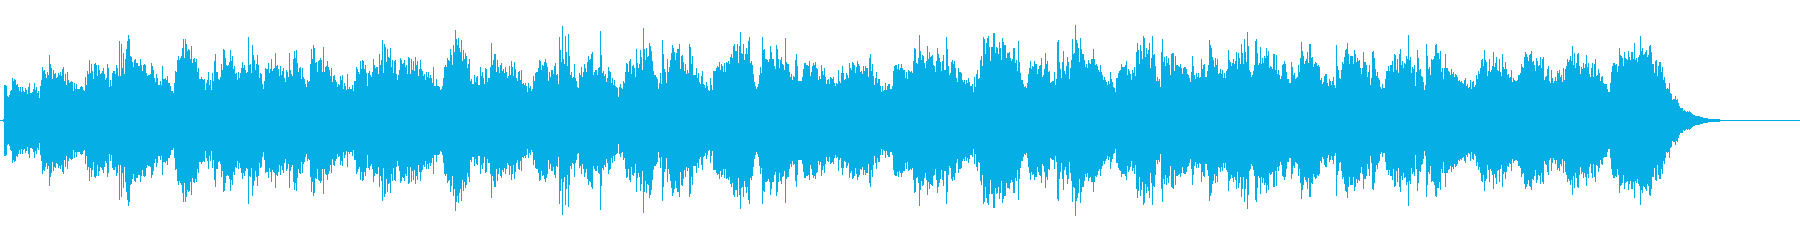 環境音楽(ニューエイジ系)の再生済みの波形